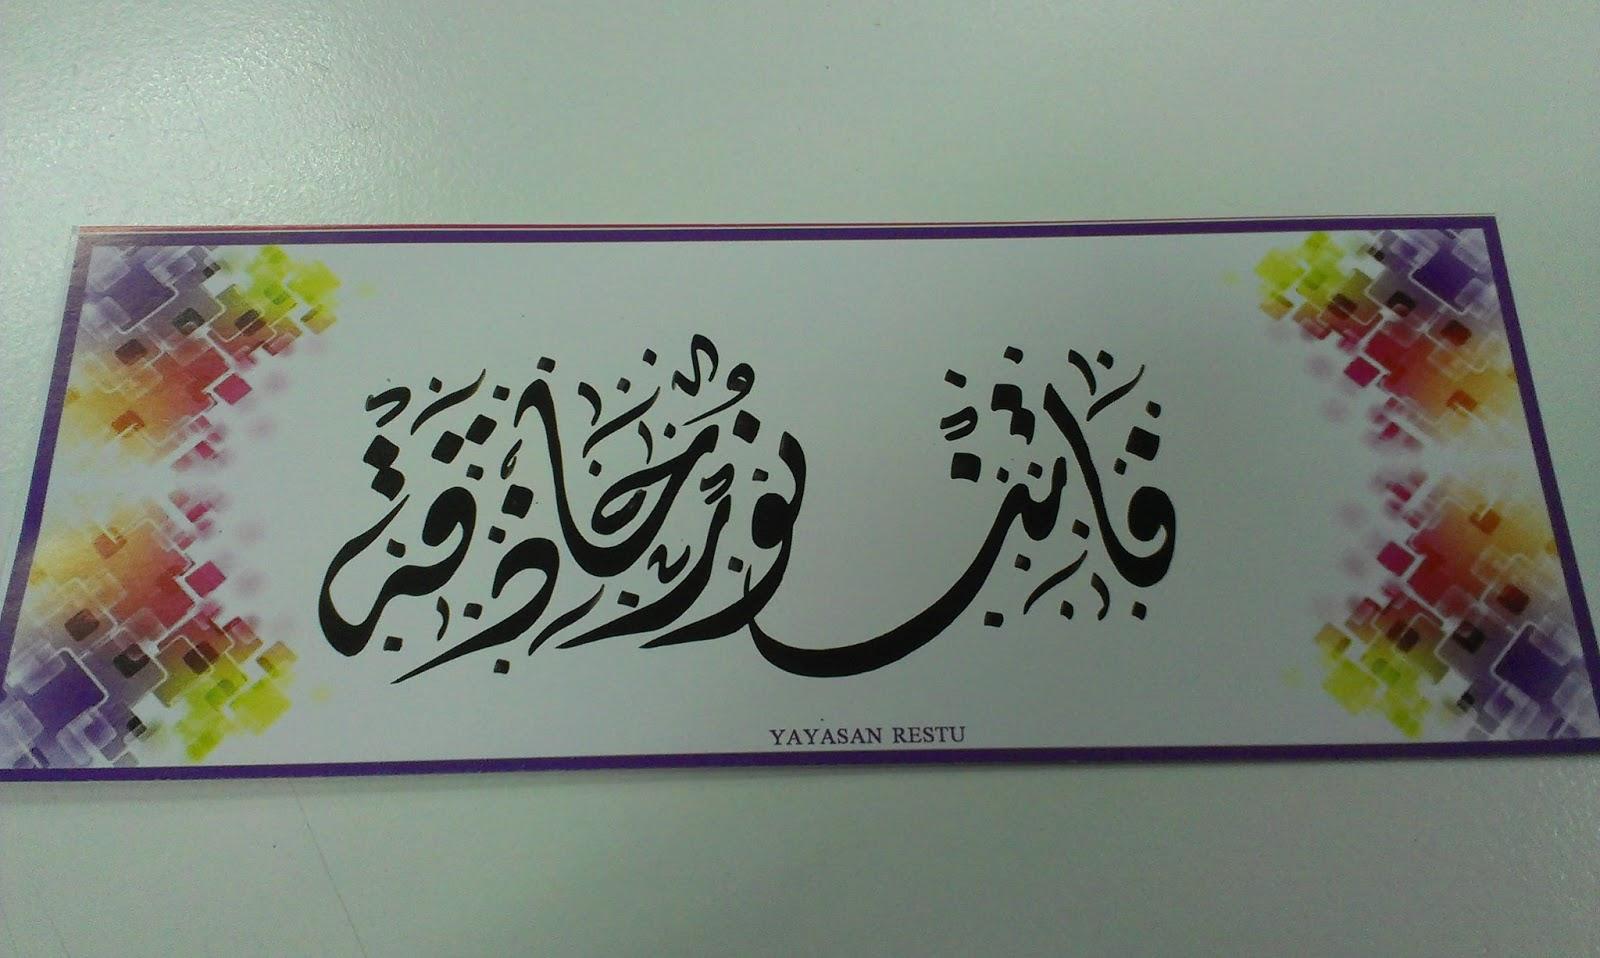 Bondezaidalifahdotcom In Jawi Basic Calligraphy